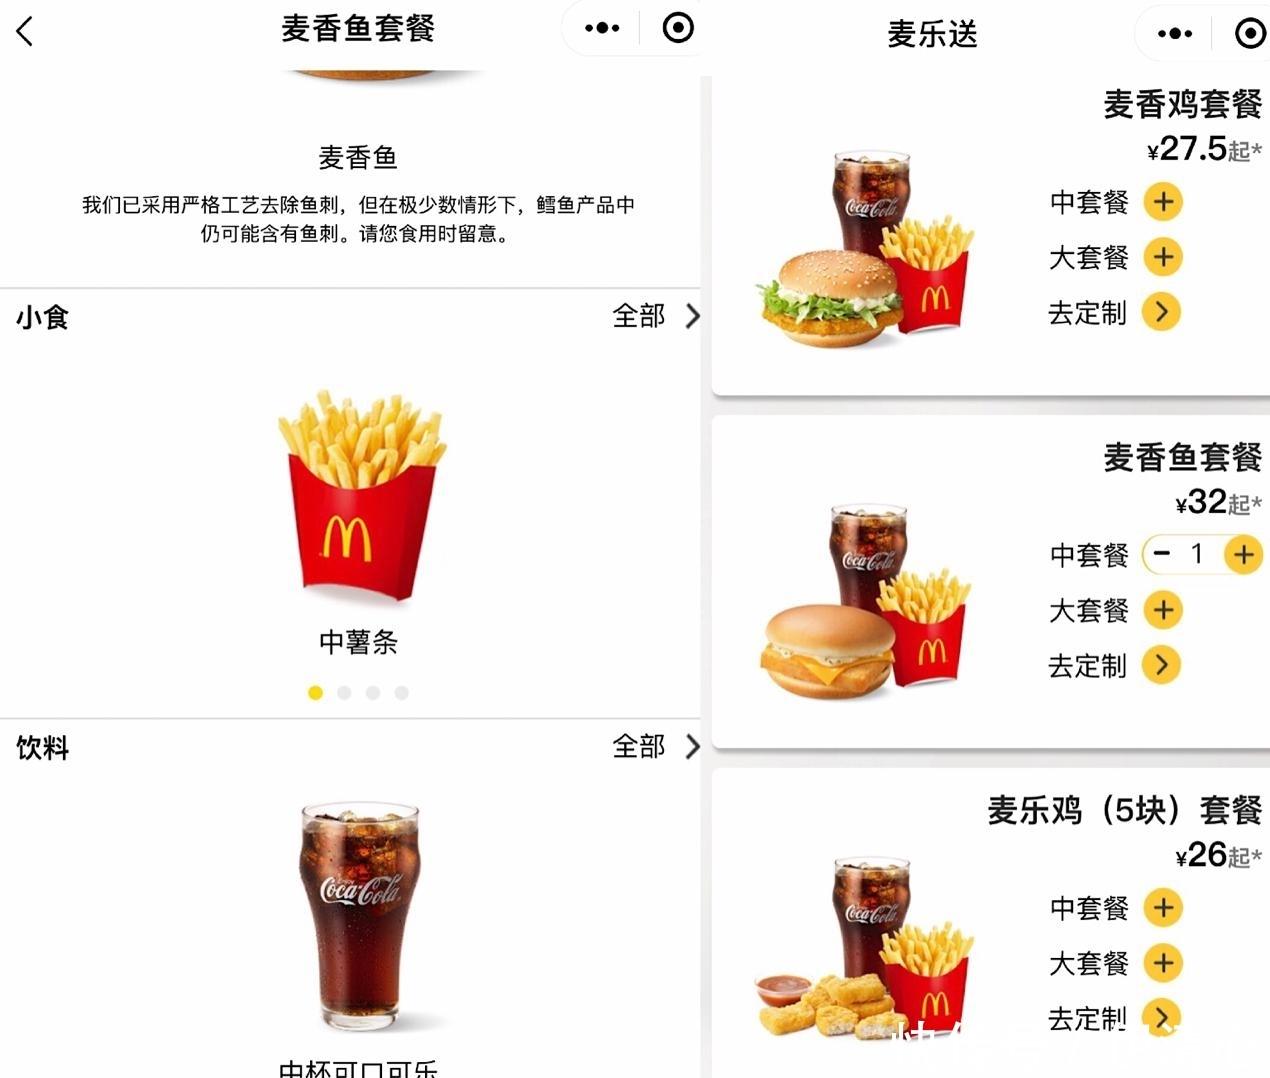 外卖、堂食定价不一,不止麦当劳还有更多,商户有话说……